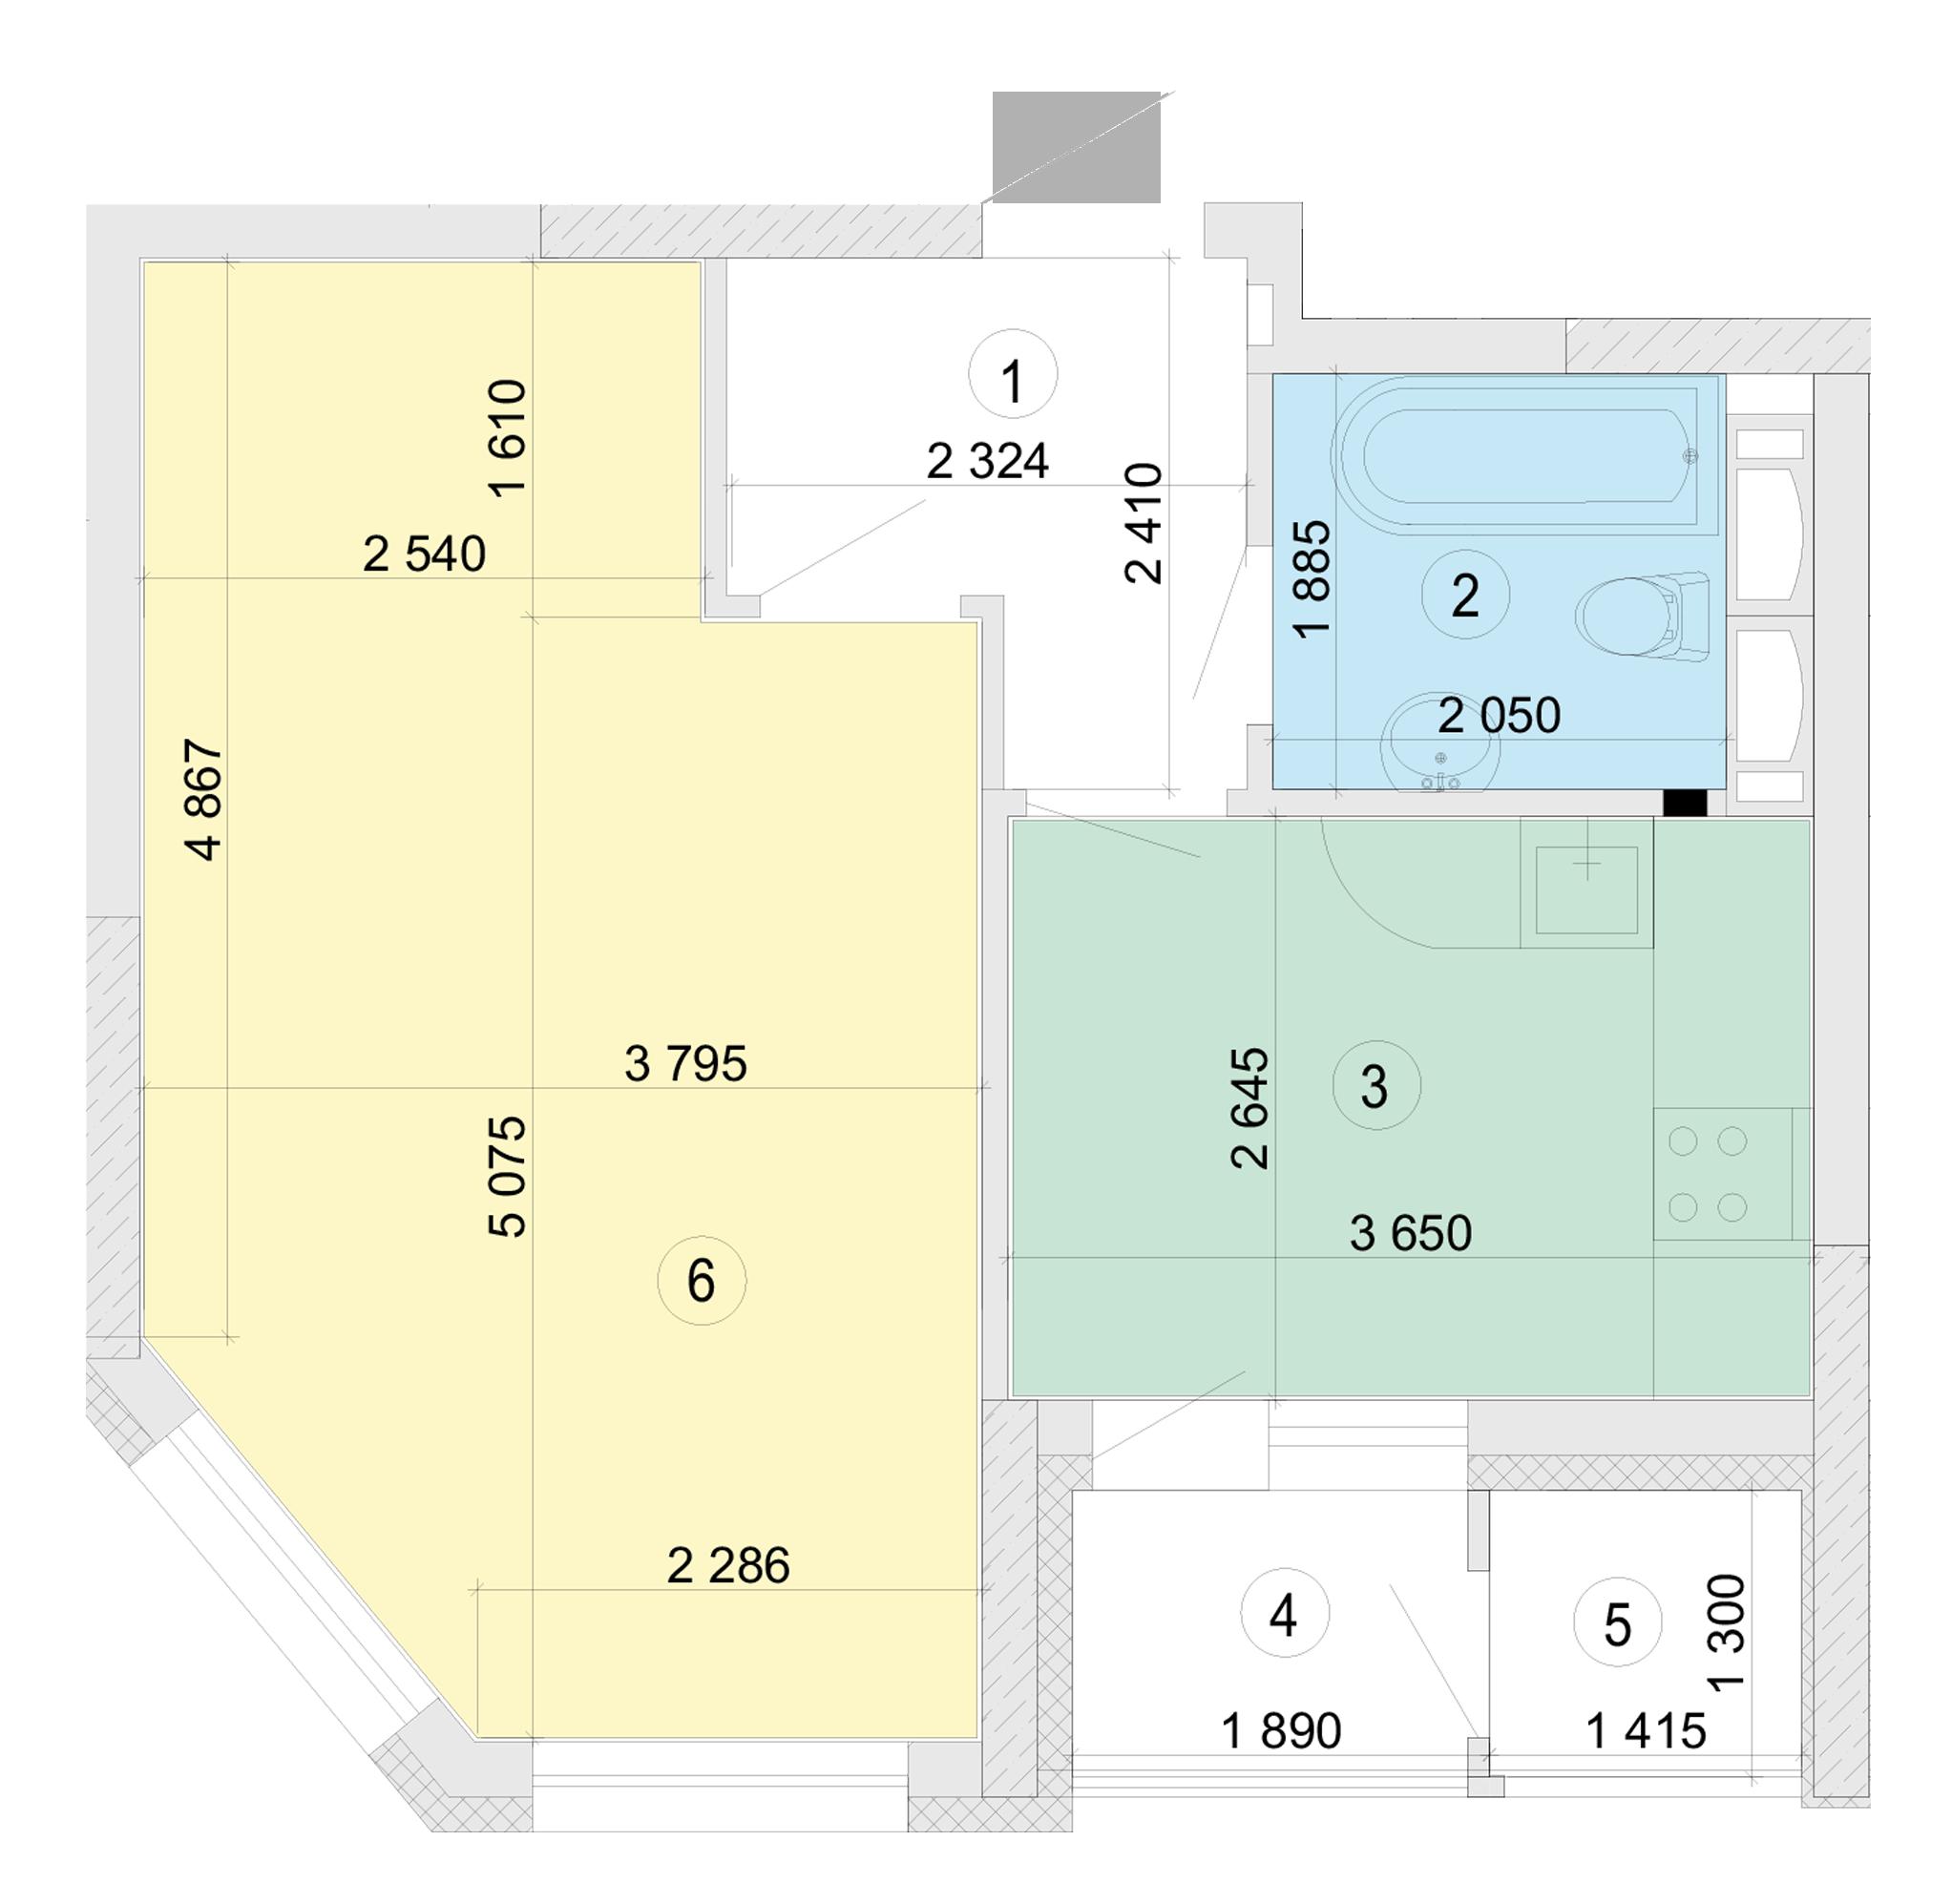 Купити Однокімнатна квартира 42,12 кв.м., тип 1.2, будинок 2, секція 5 в Києві Голосіївський район